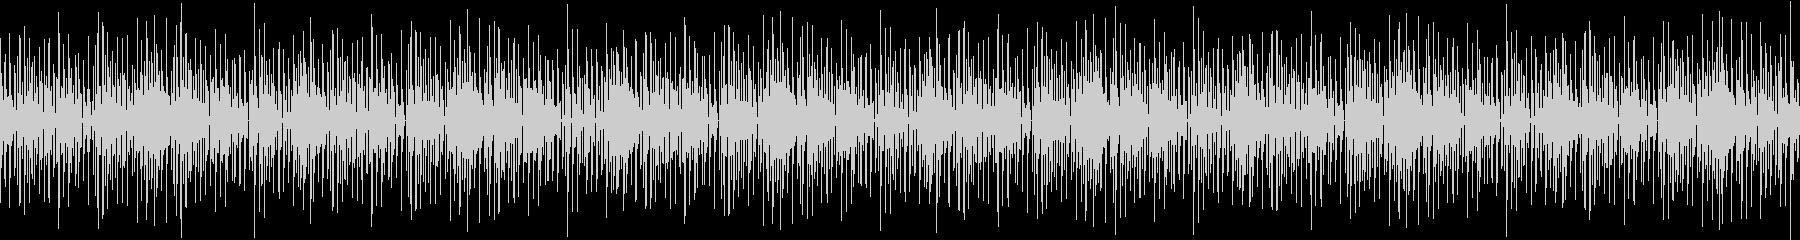 ゆっくりとしたエレクトロBGMの未再生の波形